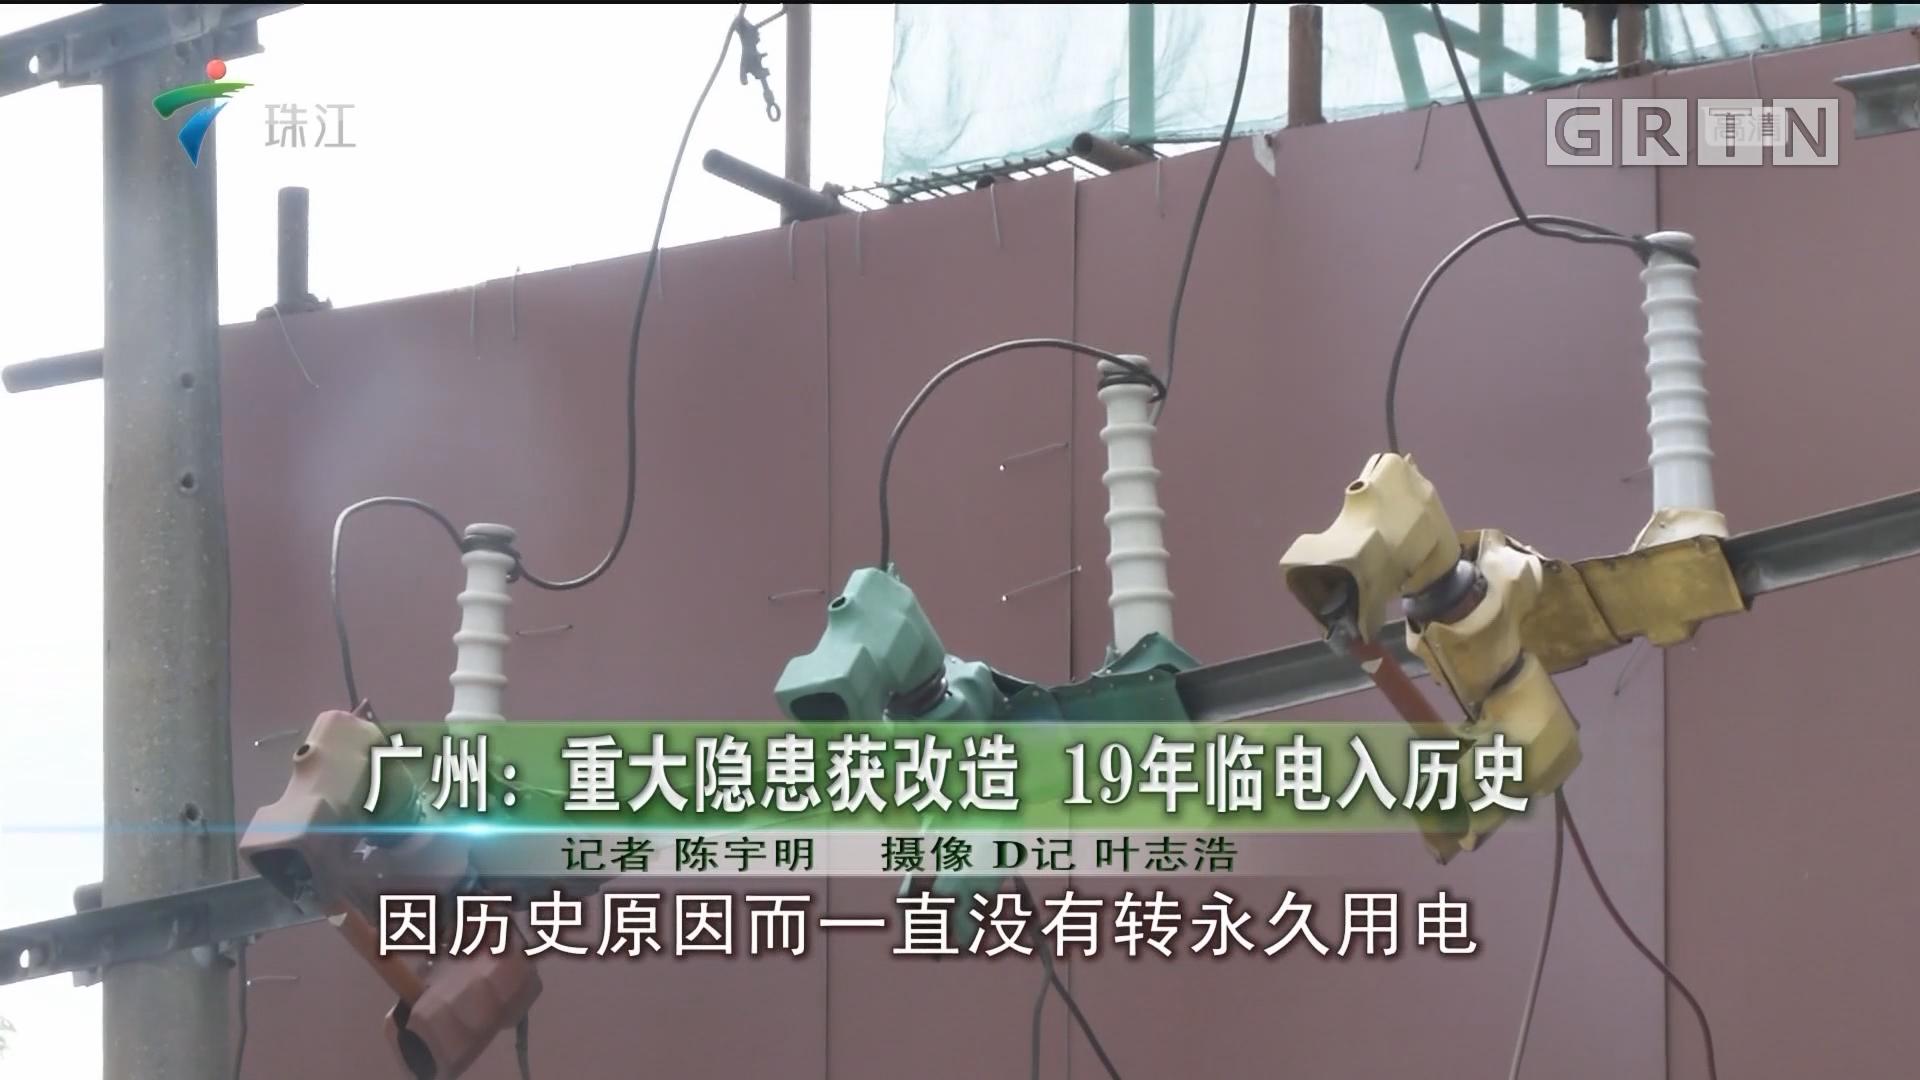 广州:重大隐患获改造 19年临电入历史